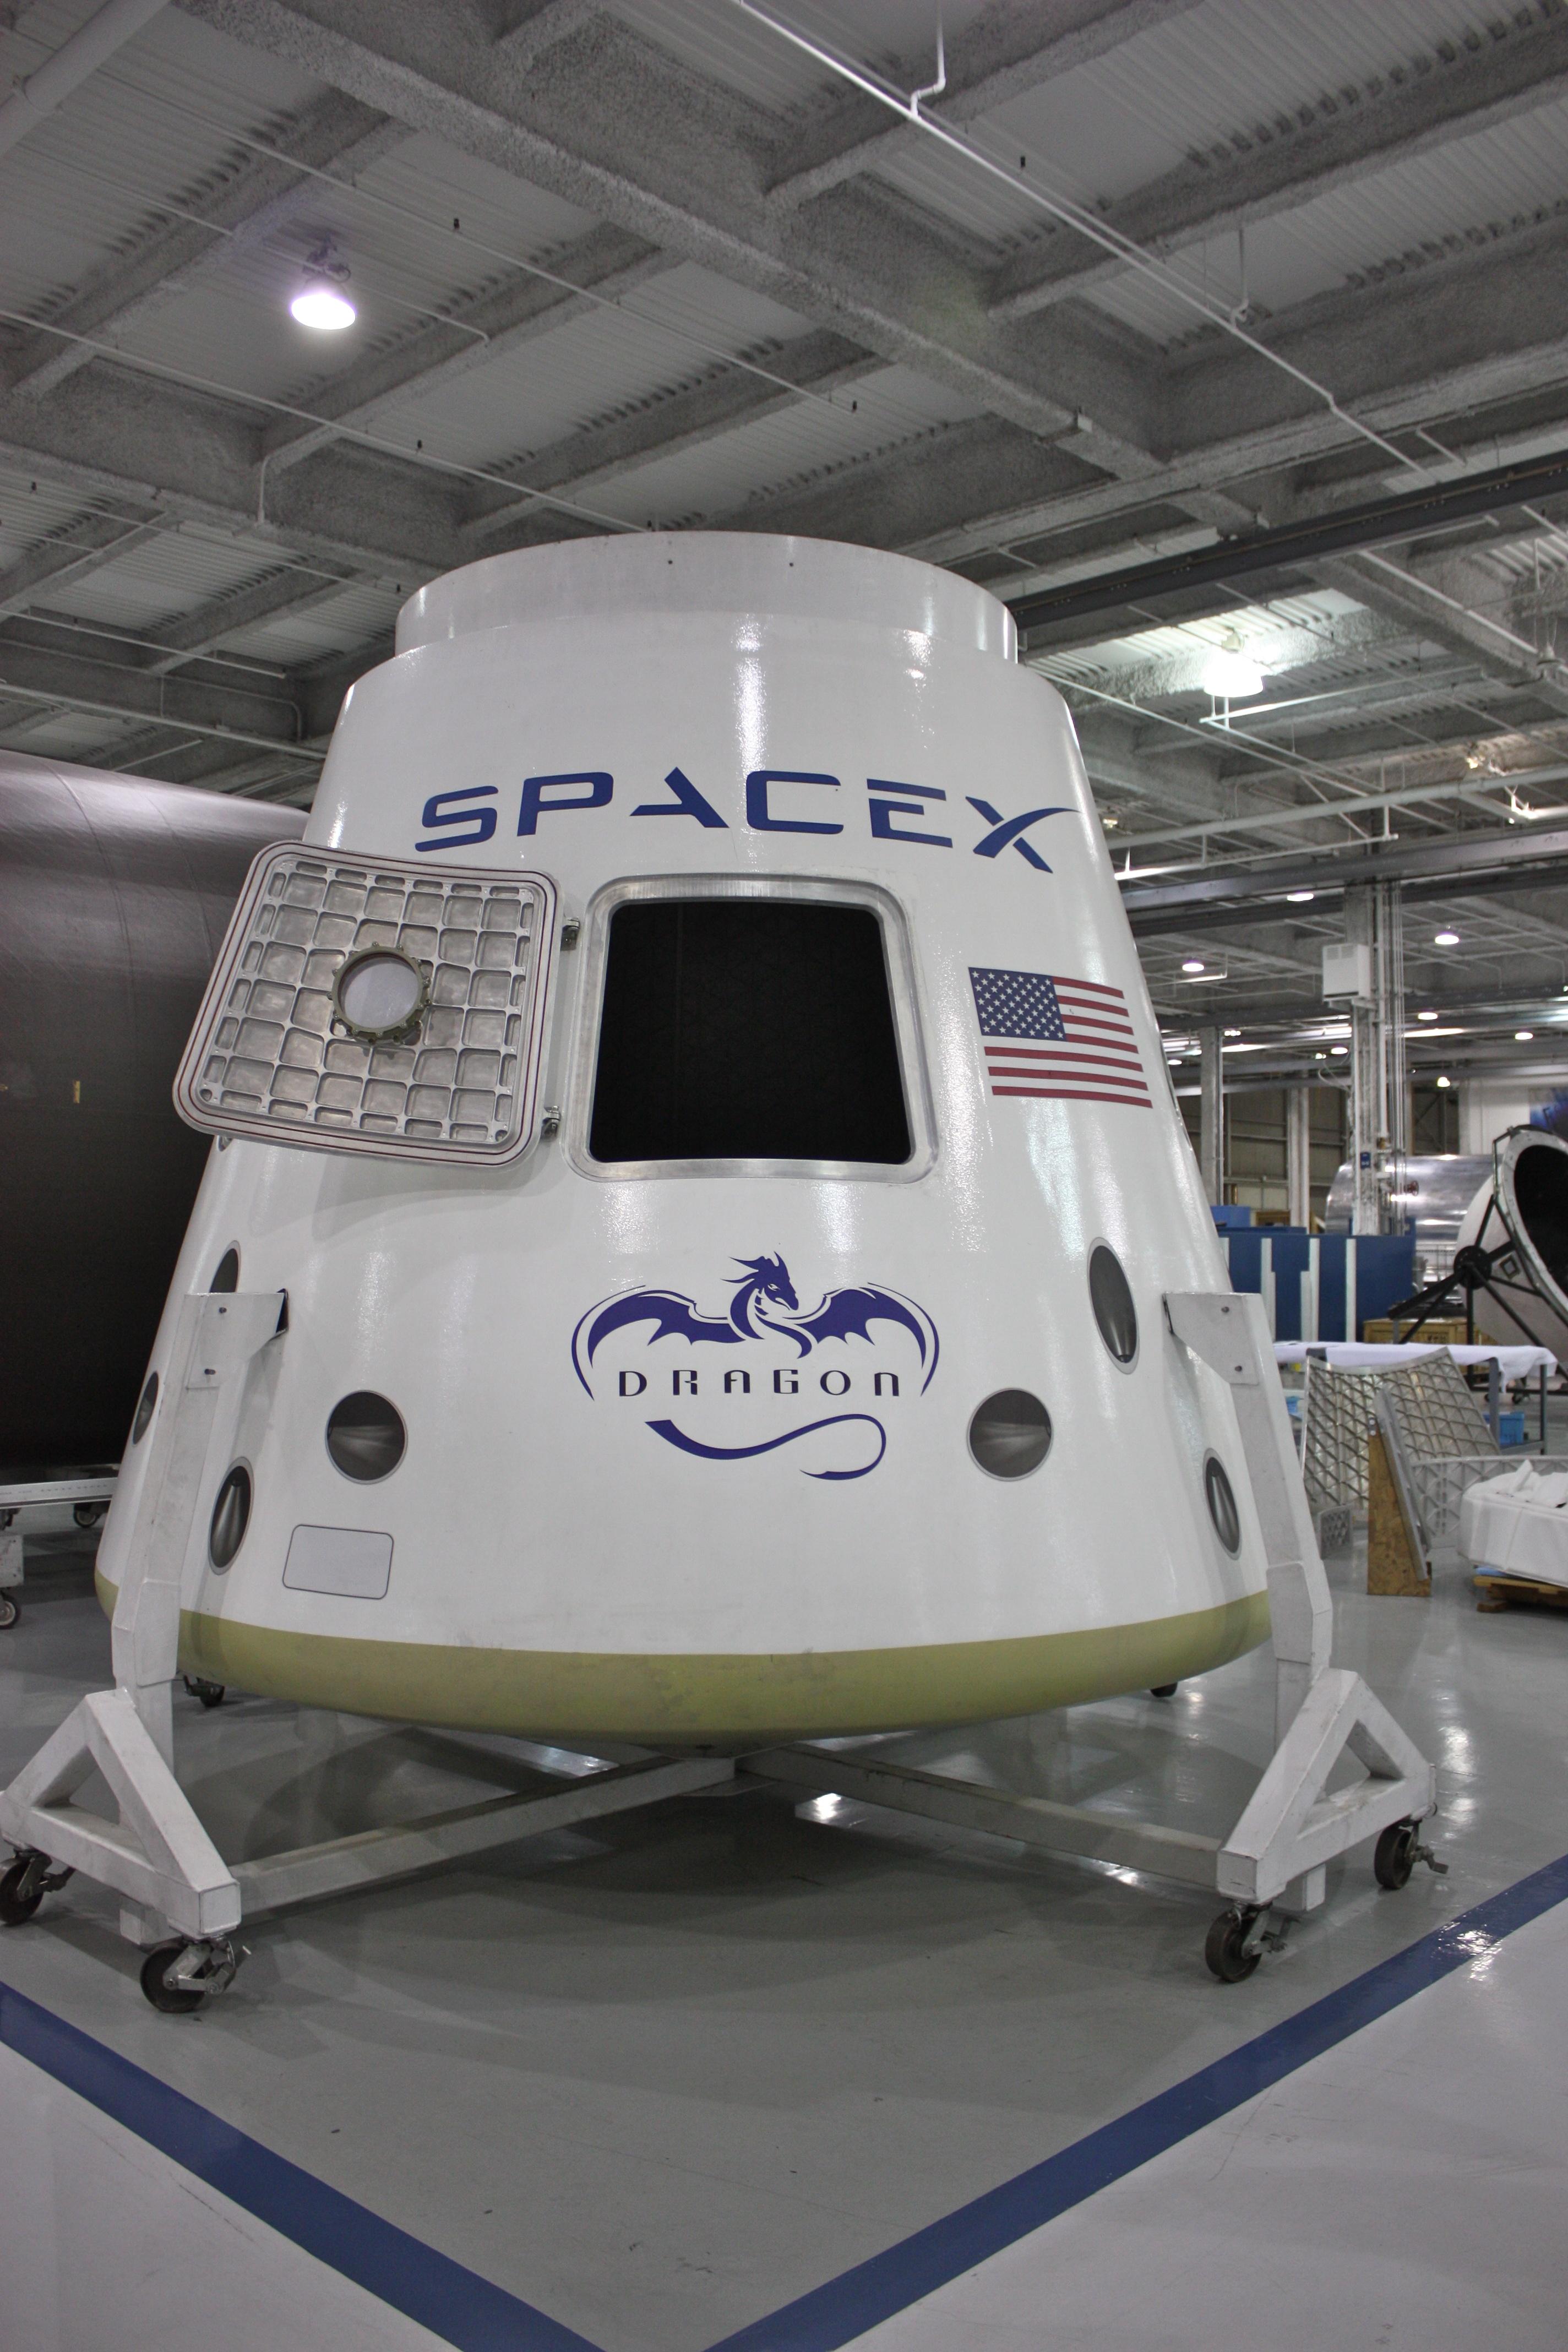 Dragon (spacecraft)